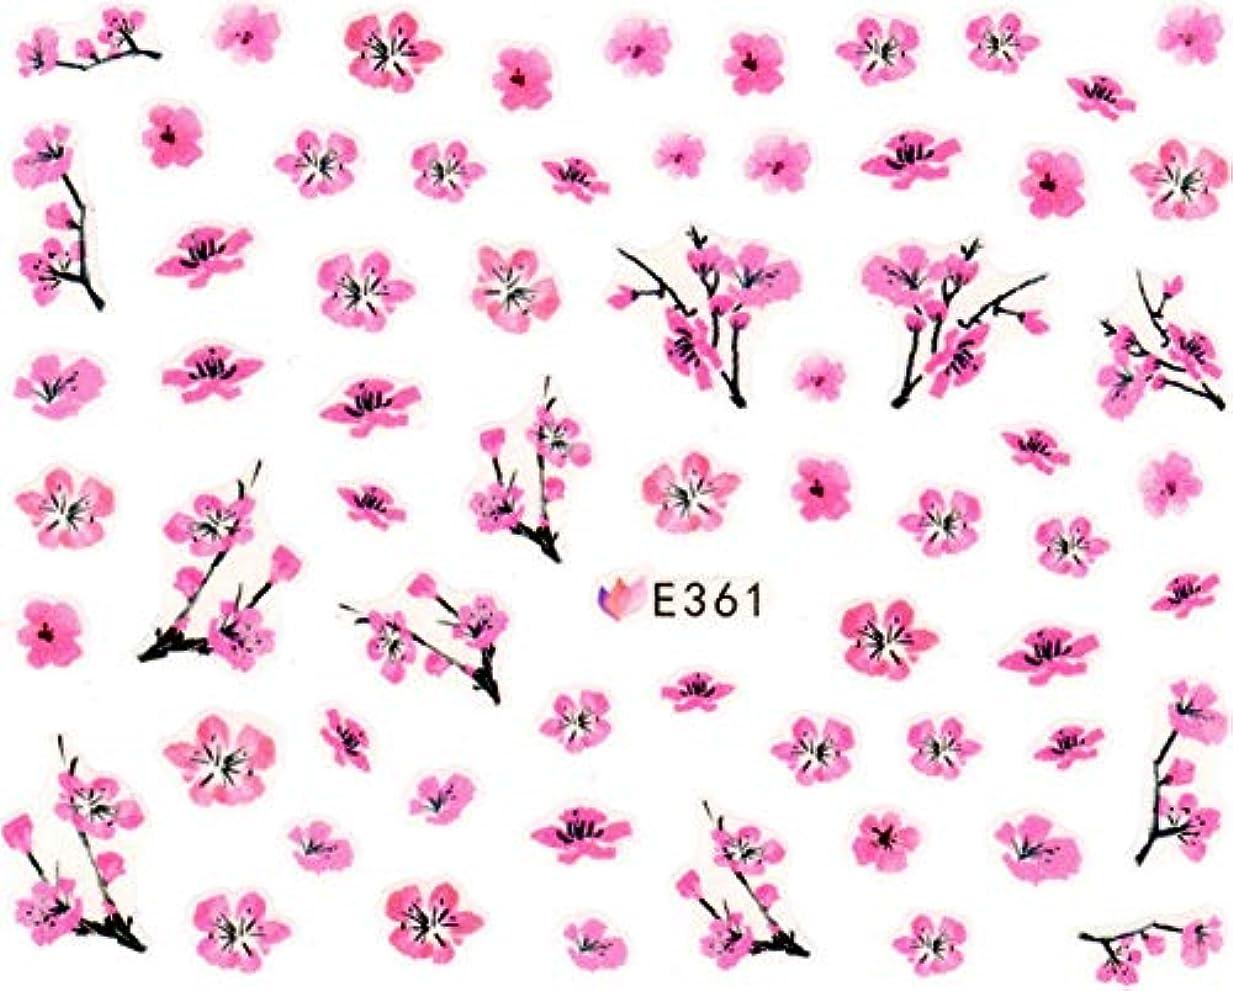 型さておき管理しますネイルシール 水彩 和風 花 フラワー (01-T56)